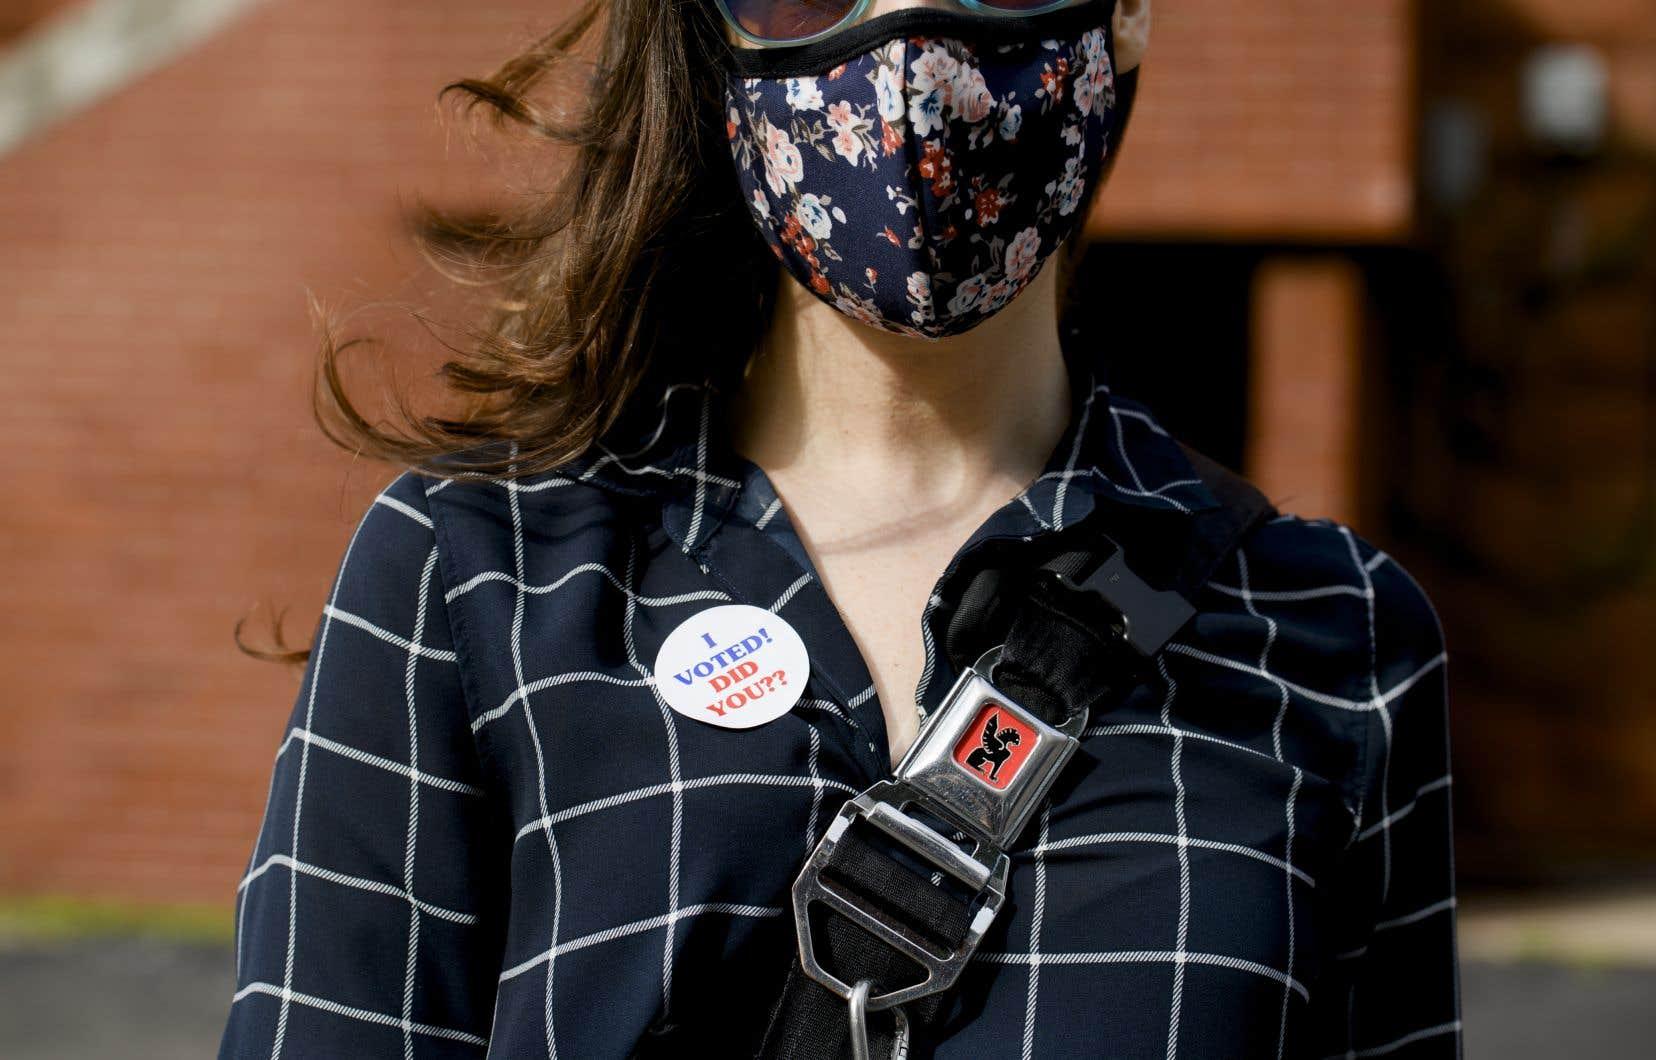 Le vote par correspondance est davantage utilisé par des électeurs urbains, démographiquement proches des démocrates. Par temps de pandémie, il pourrait également augmenter la participation des personnes âgées qui semblent préférer le démocrate Joe Biden.